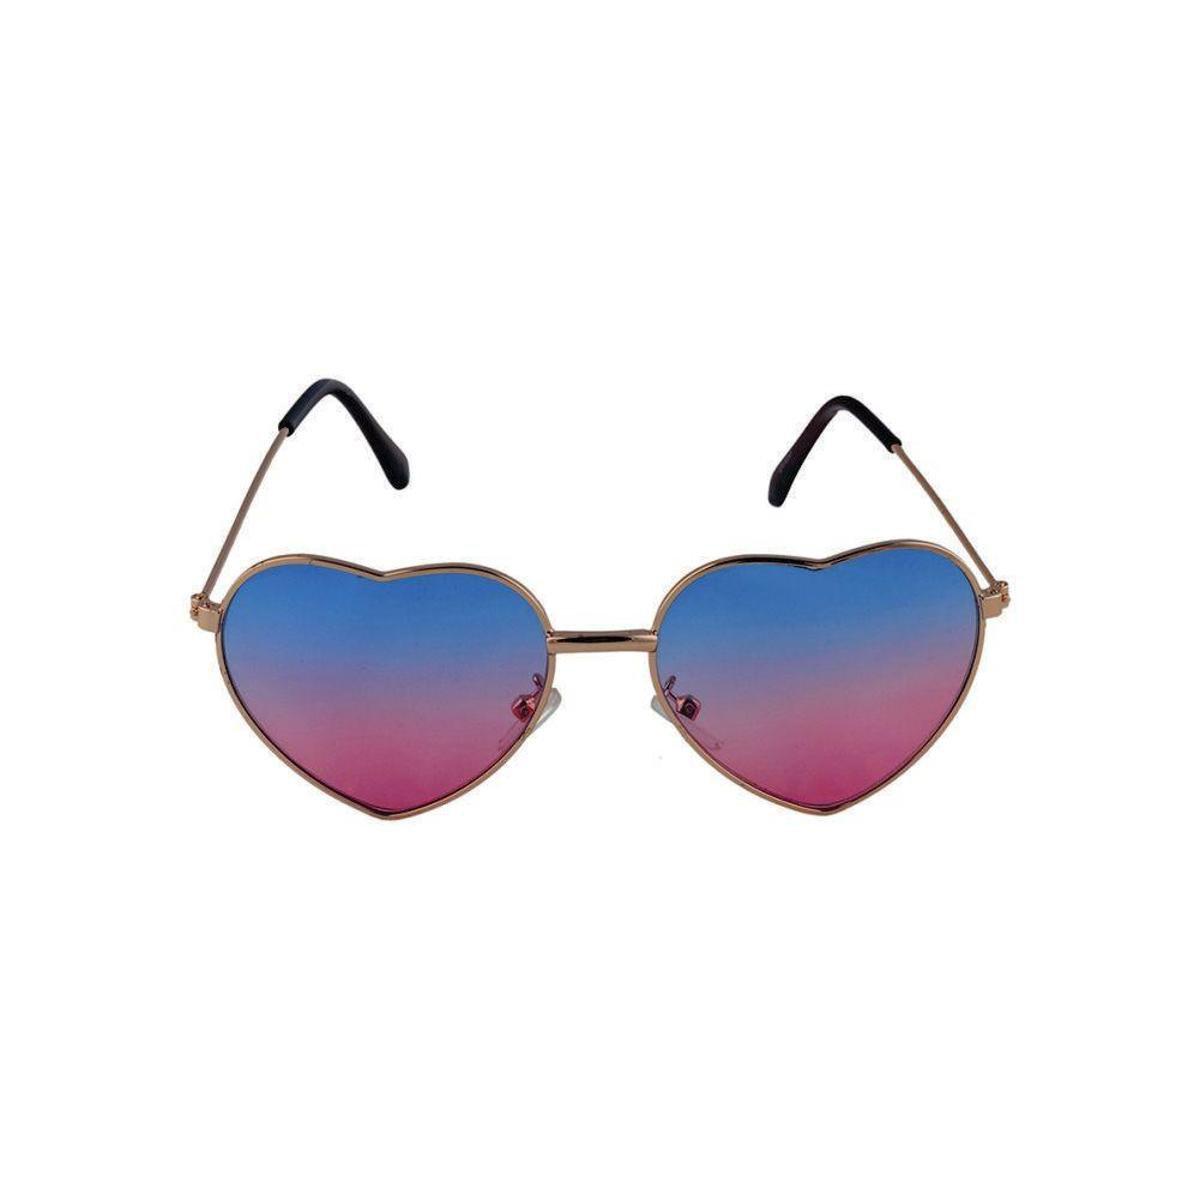 Óculos de Sol Khatto Infantil Love Feminino - Compre Agora   Netshoes a67d30f6d8